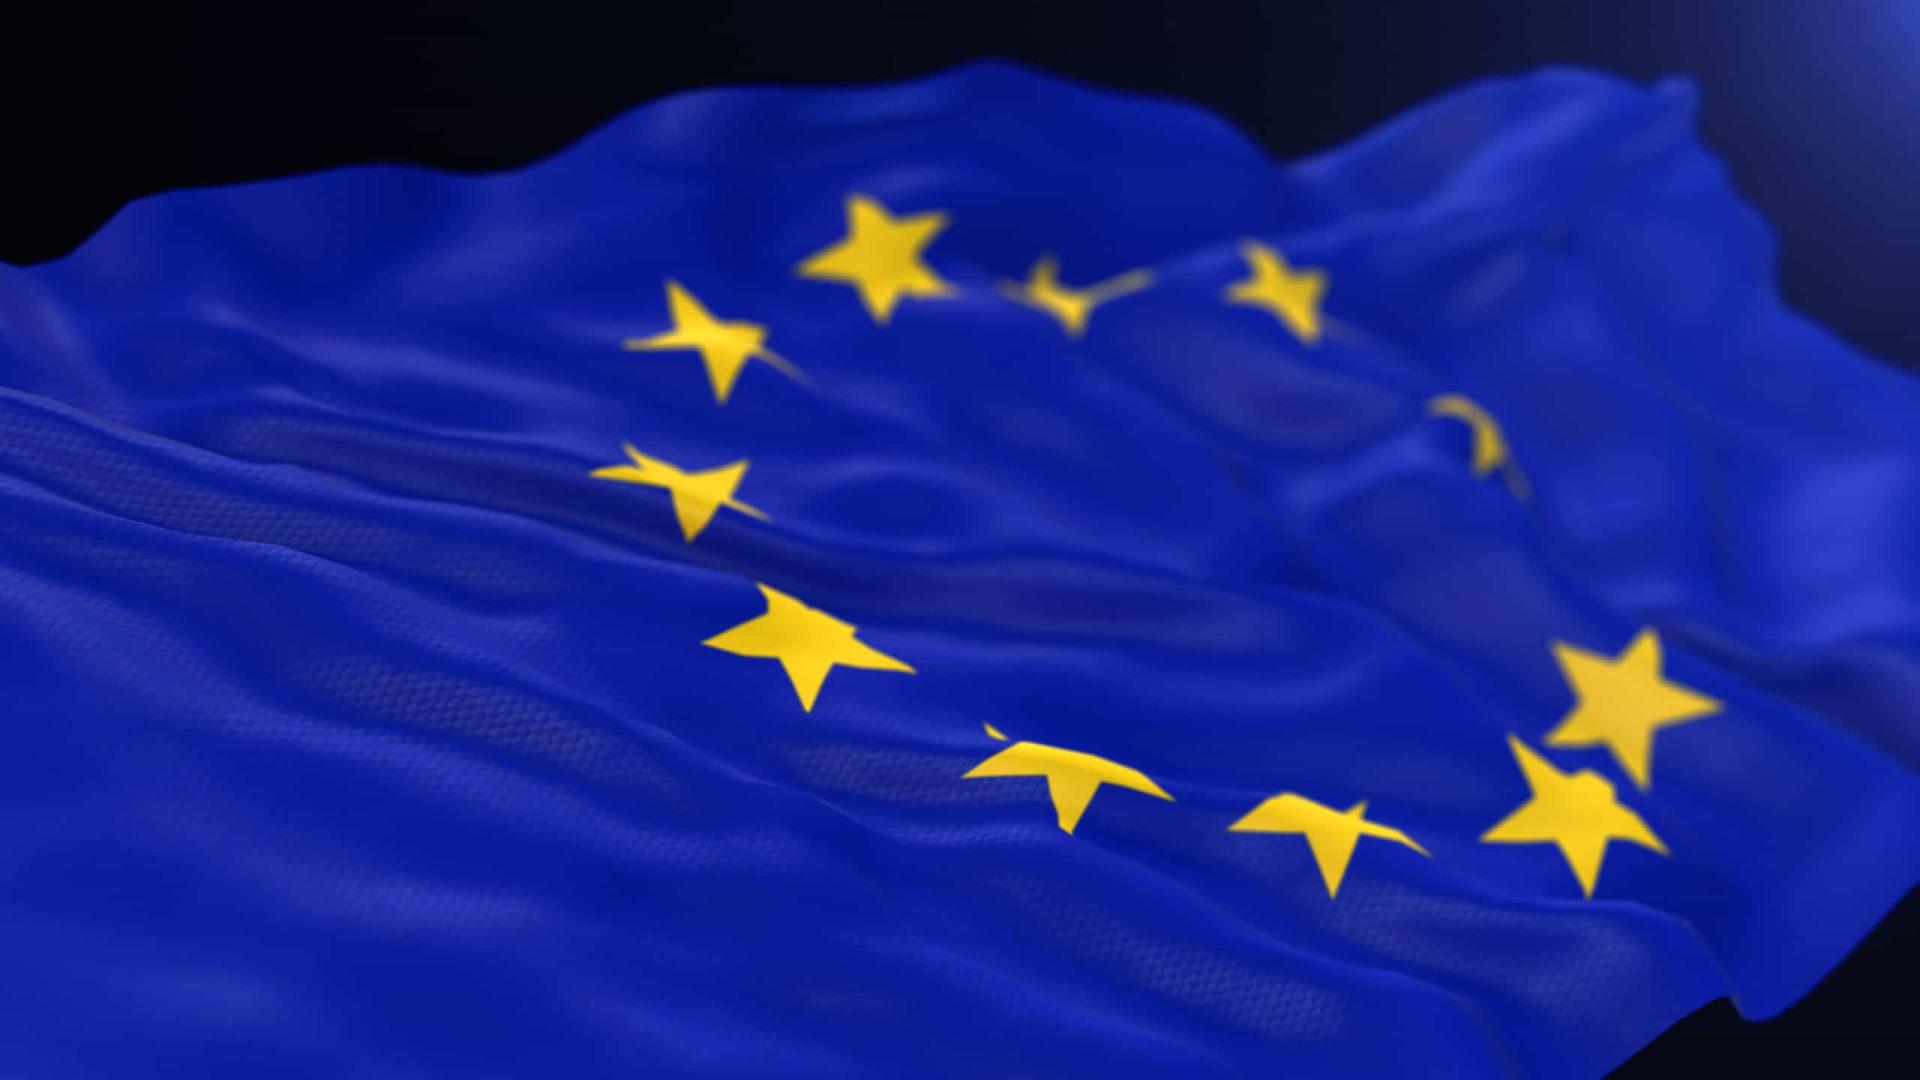 União Europeia aplica sanções aos russos e chineses por ciberataques